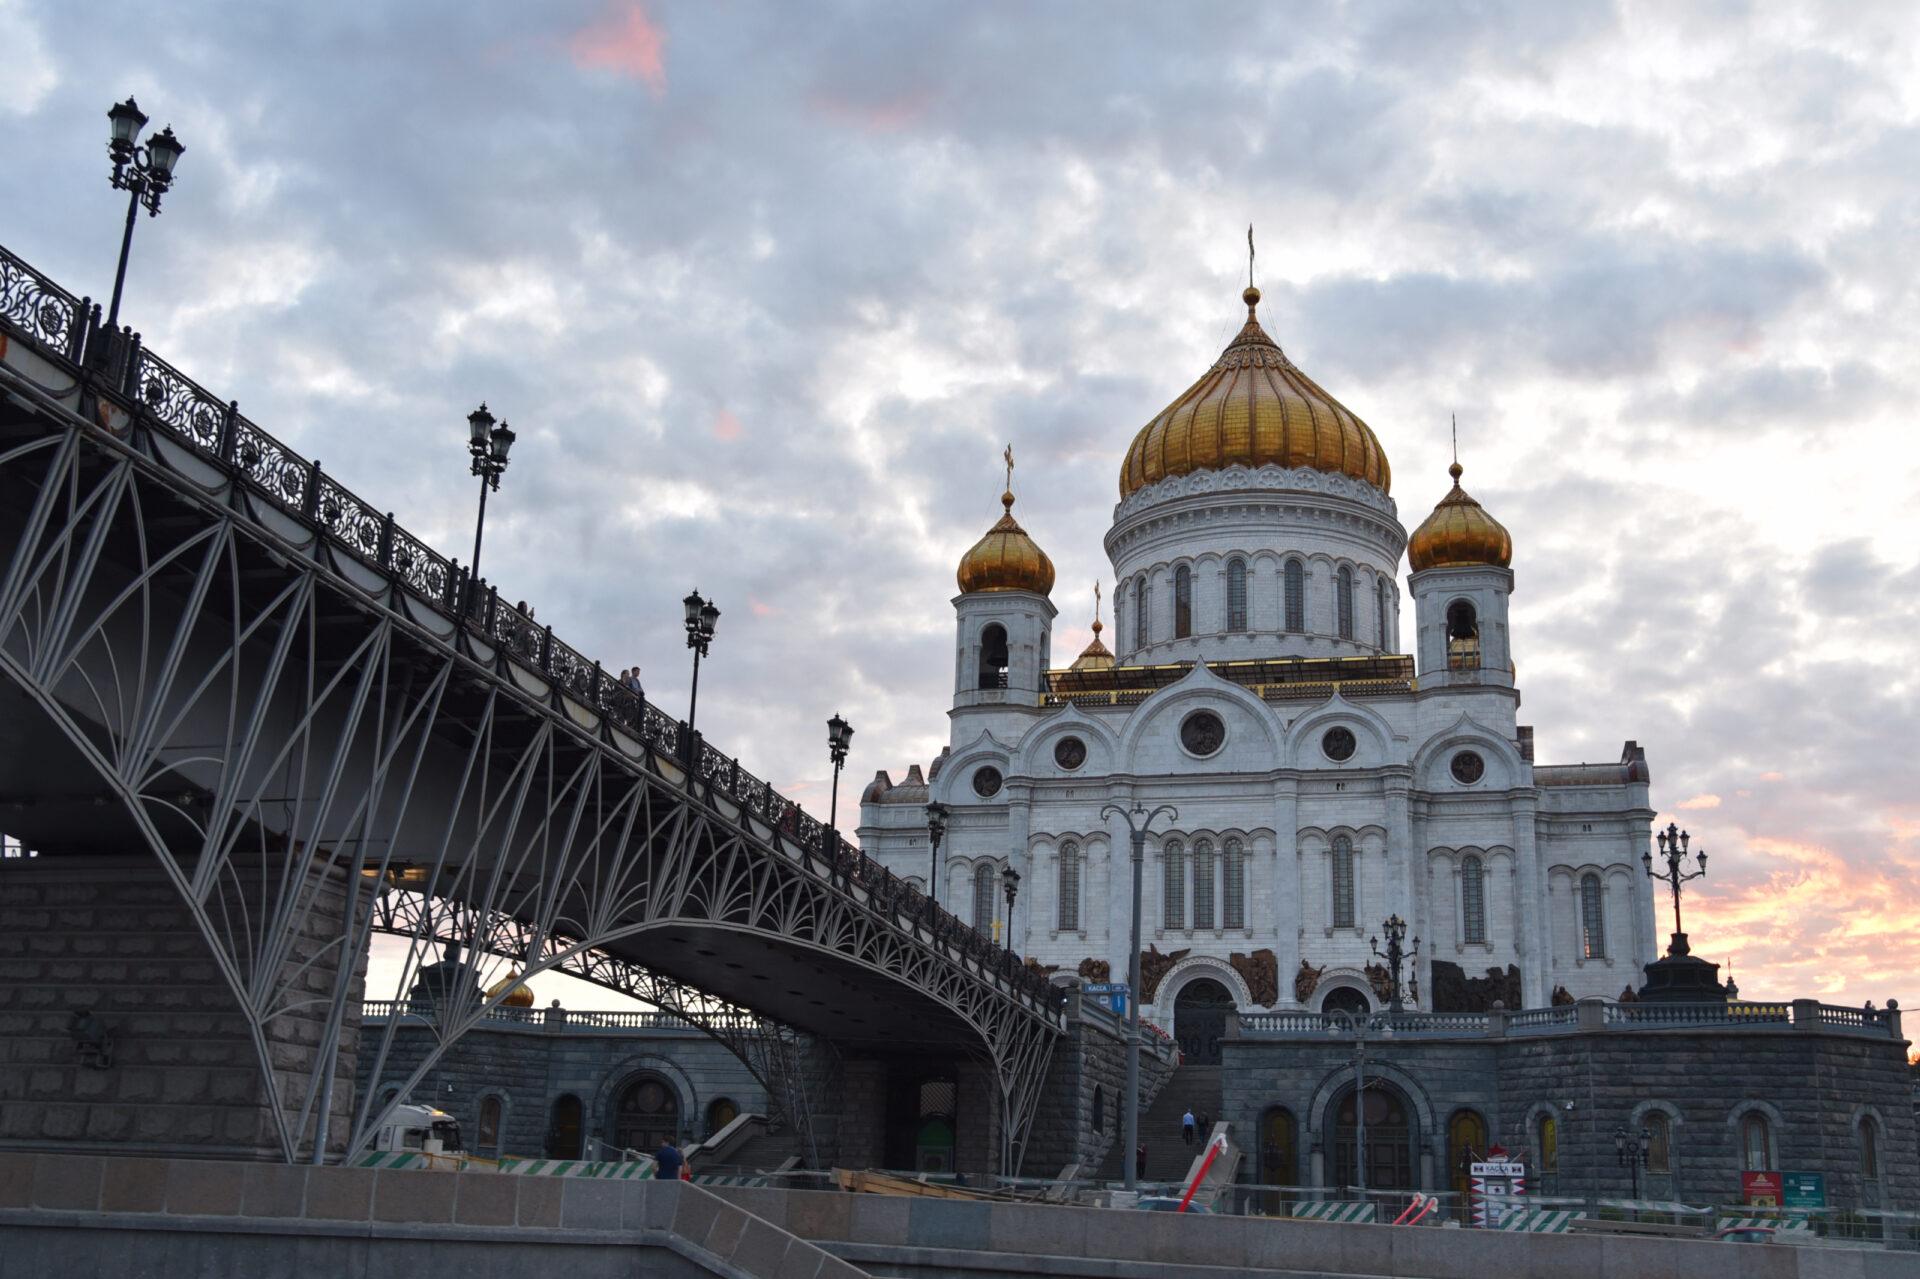 Москва закатная. Тест нового аппарата.